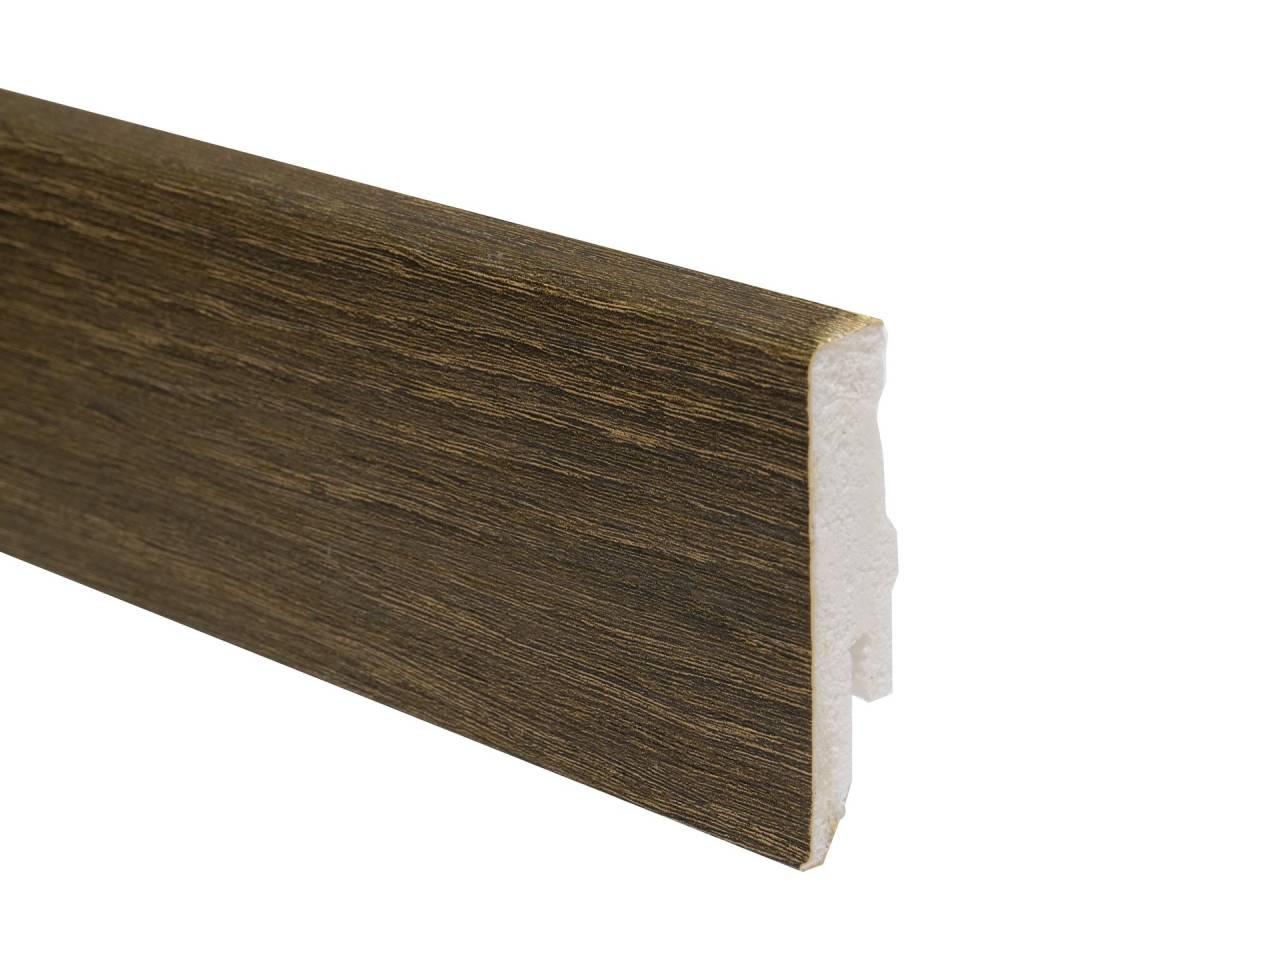 PVC подов перваз L040 с кабелен канал и височина 58 мм, подходящ за винилова настилка в тъмно кафяв цвят. Дължина 2.4 м.